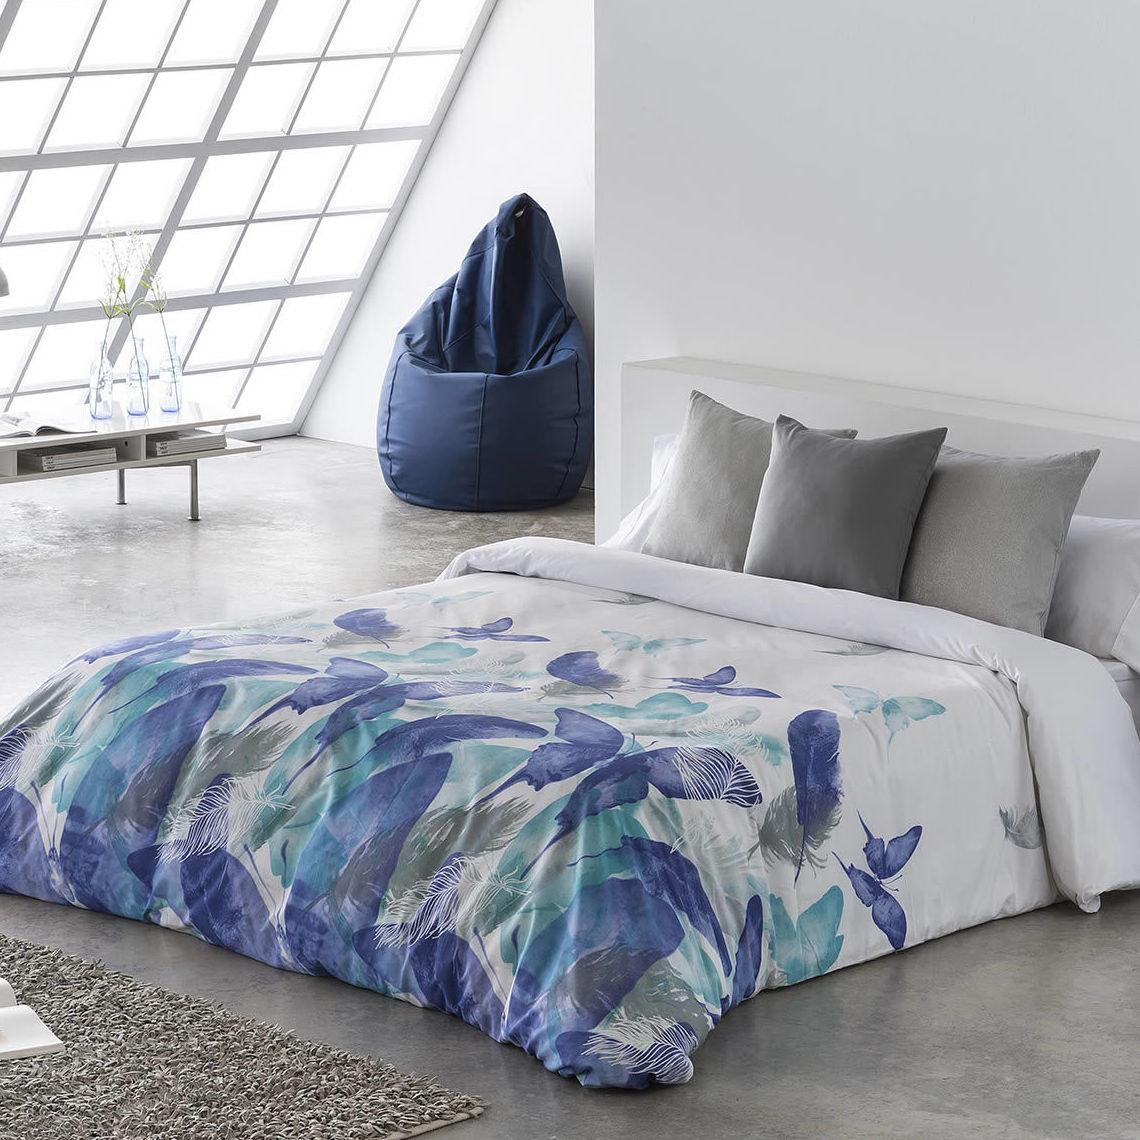 EV colchonería: juego funda nórdica 4 piezas Sira azul de Barbadella cama 150 rebajada a 65 €